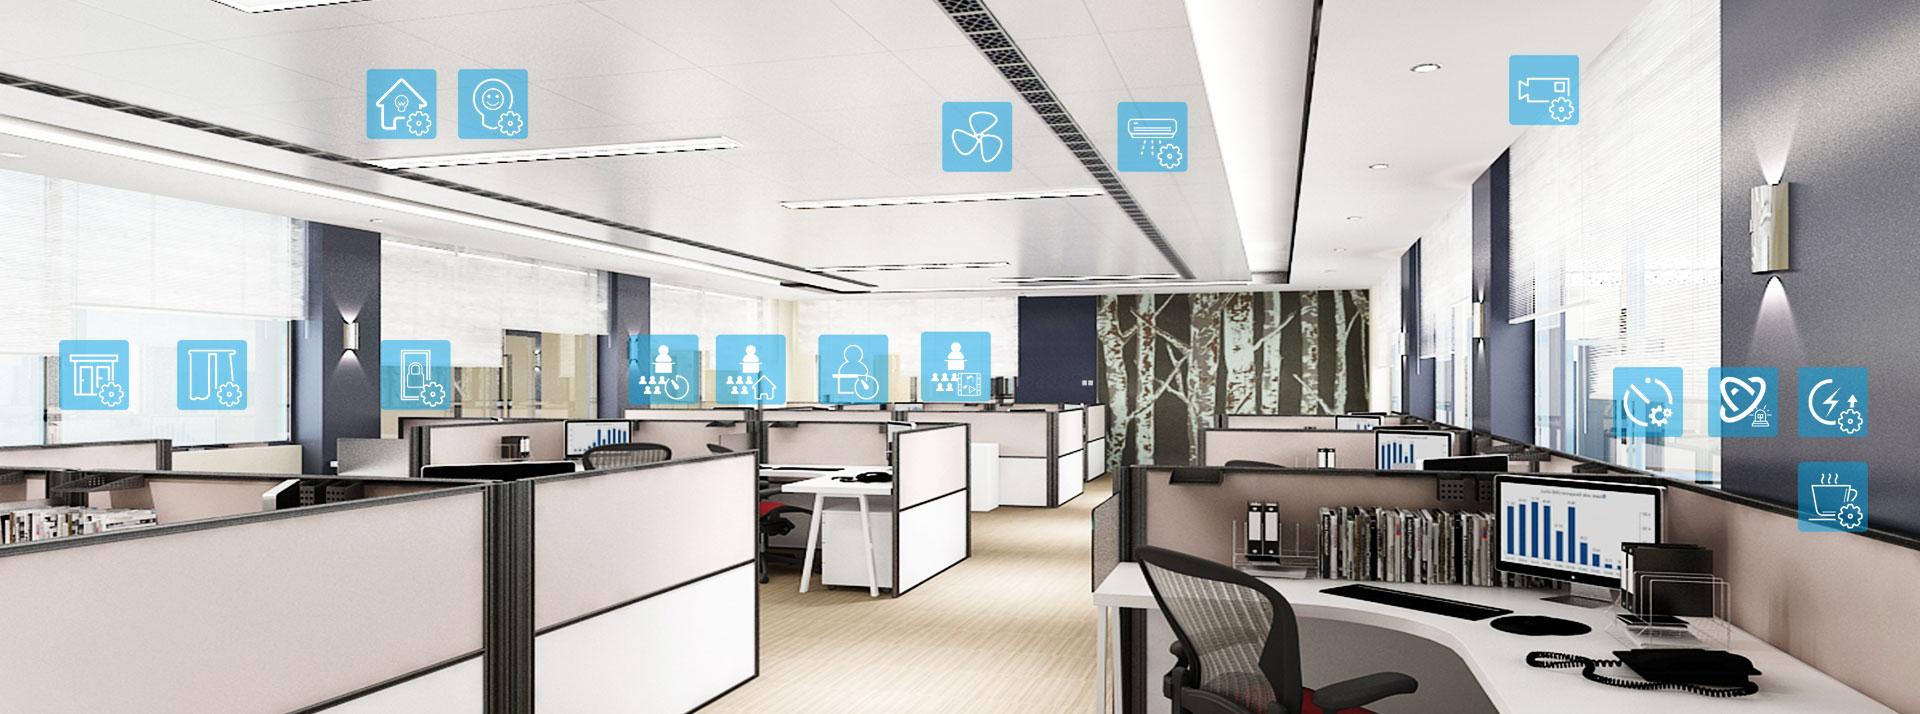 办公室智能化照明方案